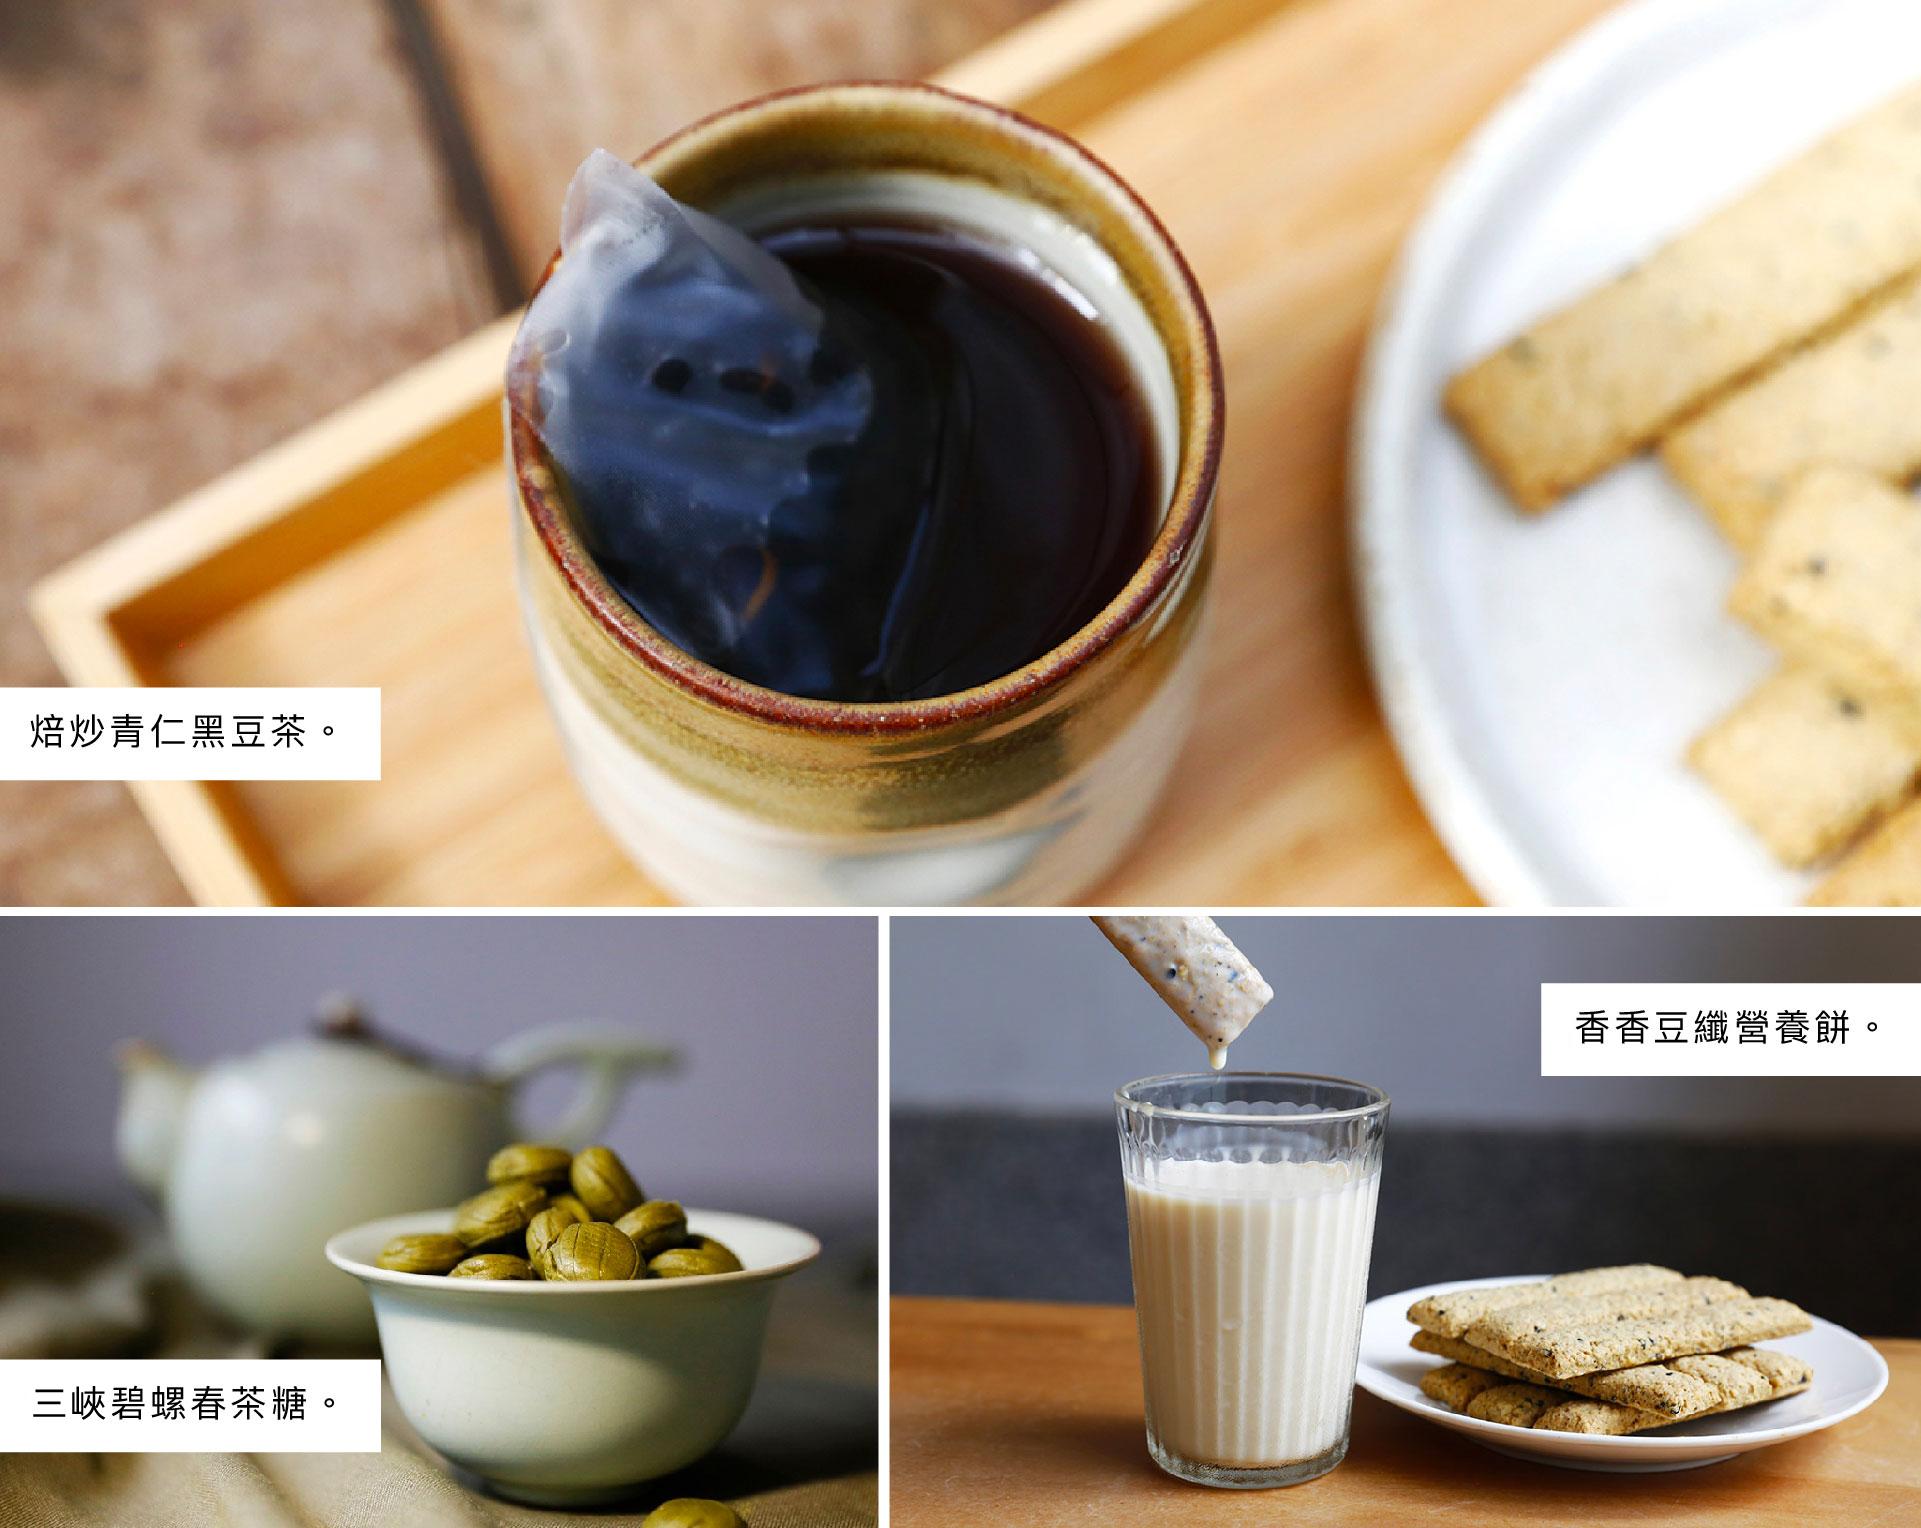 禮盒ㄧ《 圓滿 》 健康茶點禮盒   《圓滿》禮盒承載著來自臺灣土地的好味道,茶、餅、糖一應俱全,我們精心挑選適合分食共享的特色茶點,快樂相聚共享滿滿的營養,有養身零熱量的焙炒青仁黑豆茶包、香脆高纖的香香豆纖營養餅以及三峽在地的碧螺春茶所製成茶香四溢的三峽碧螺春茶糖,送一份好禮也同時照顧彼此的健康,這樣健康營養好味道,非《圓滿》茶點禮盒莫屬! | 改變生命的豆漿店